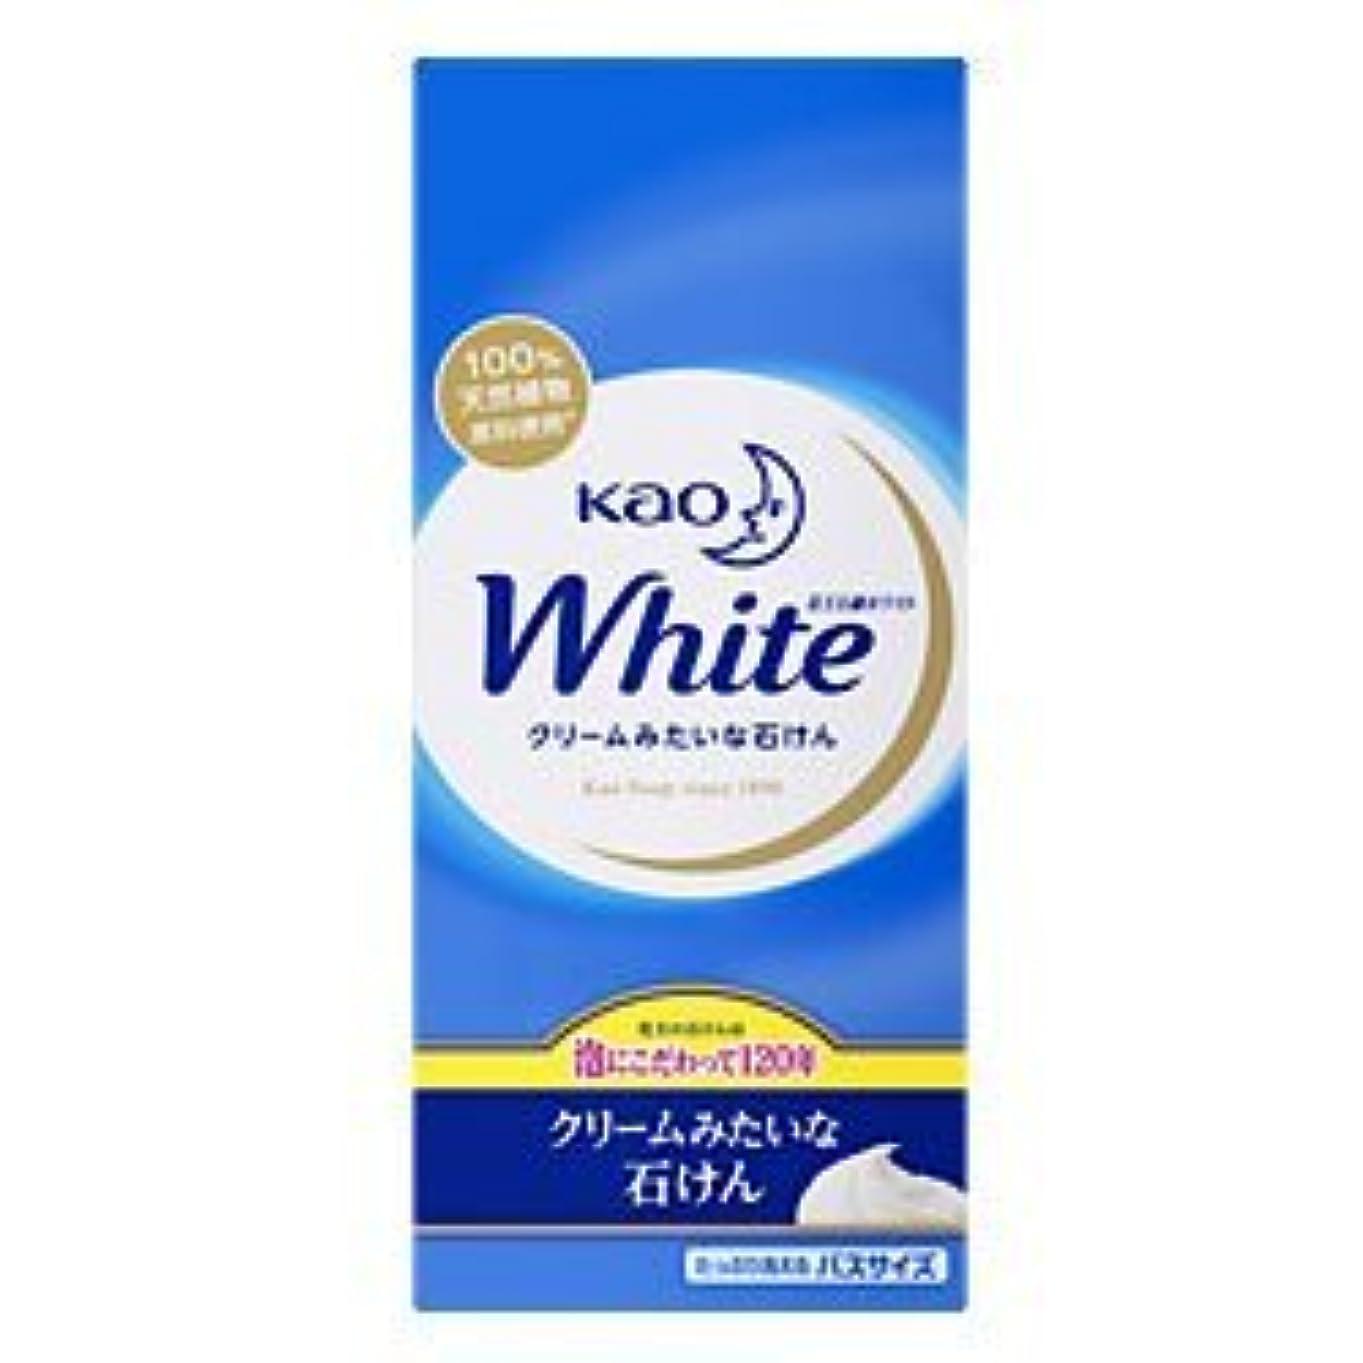 サイドボードなすアンケート【花王】花王ホワイト バスサイズ 130g×6個 ×5個セット